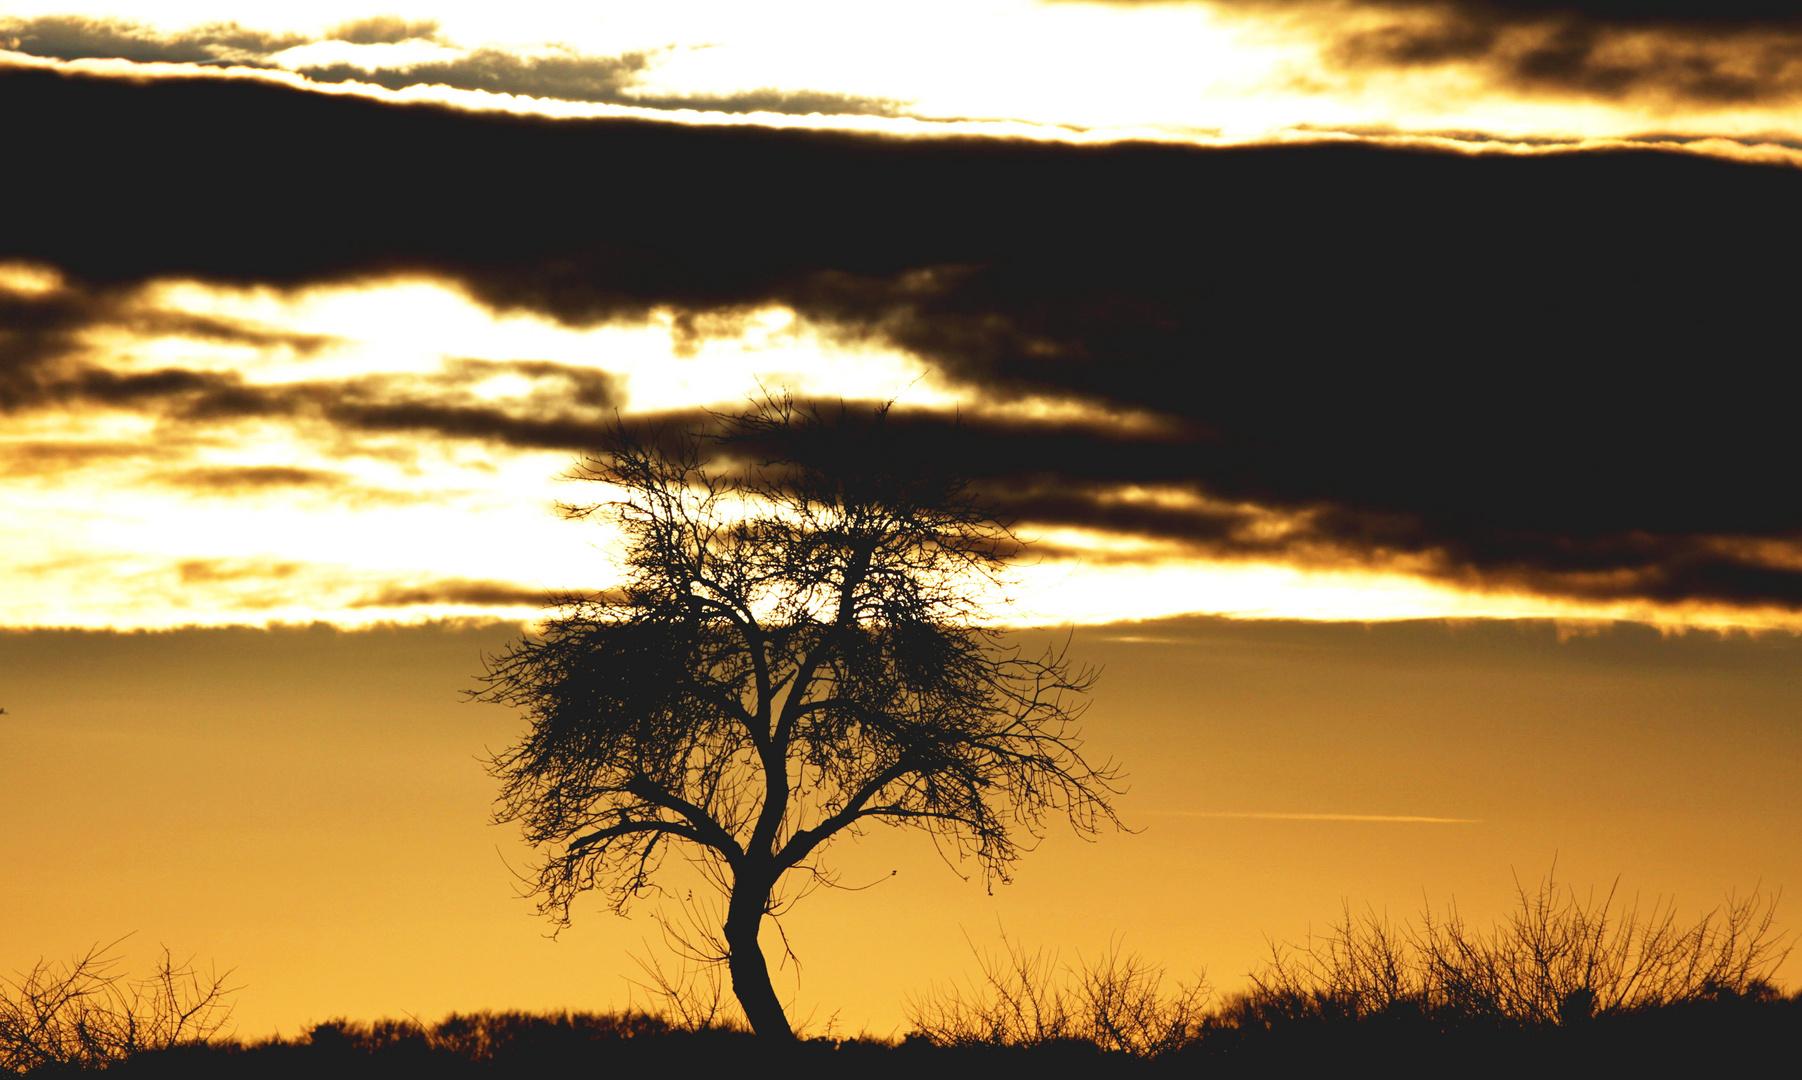 °°°° Sonnenunterganguntergang am Hoystorfer Berg bei Uelzen °°°°